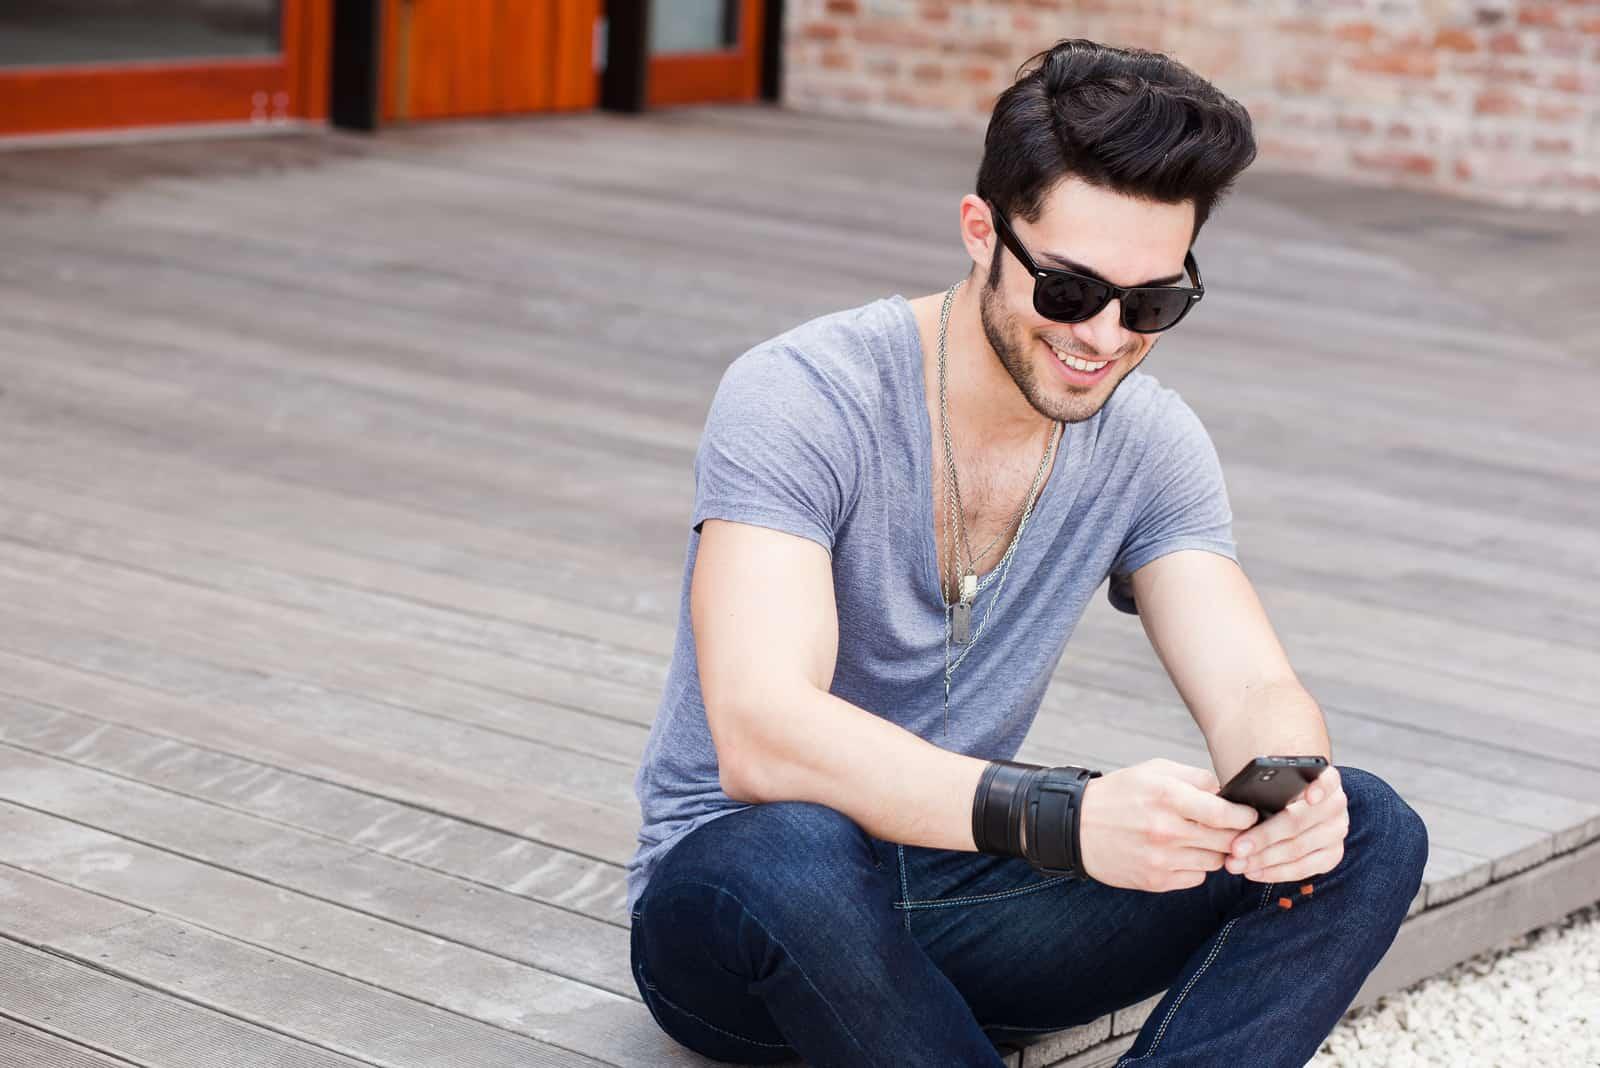 Homme avec des lunettes à l'aide de smartphone assis sur le sol